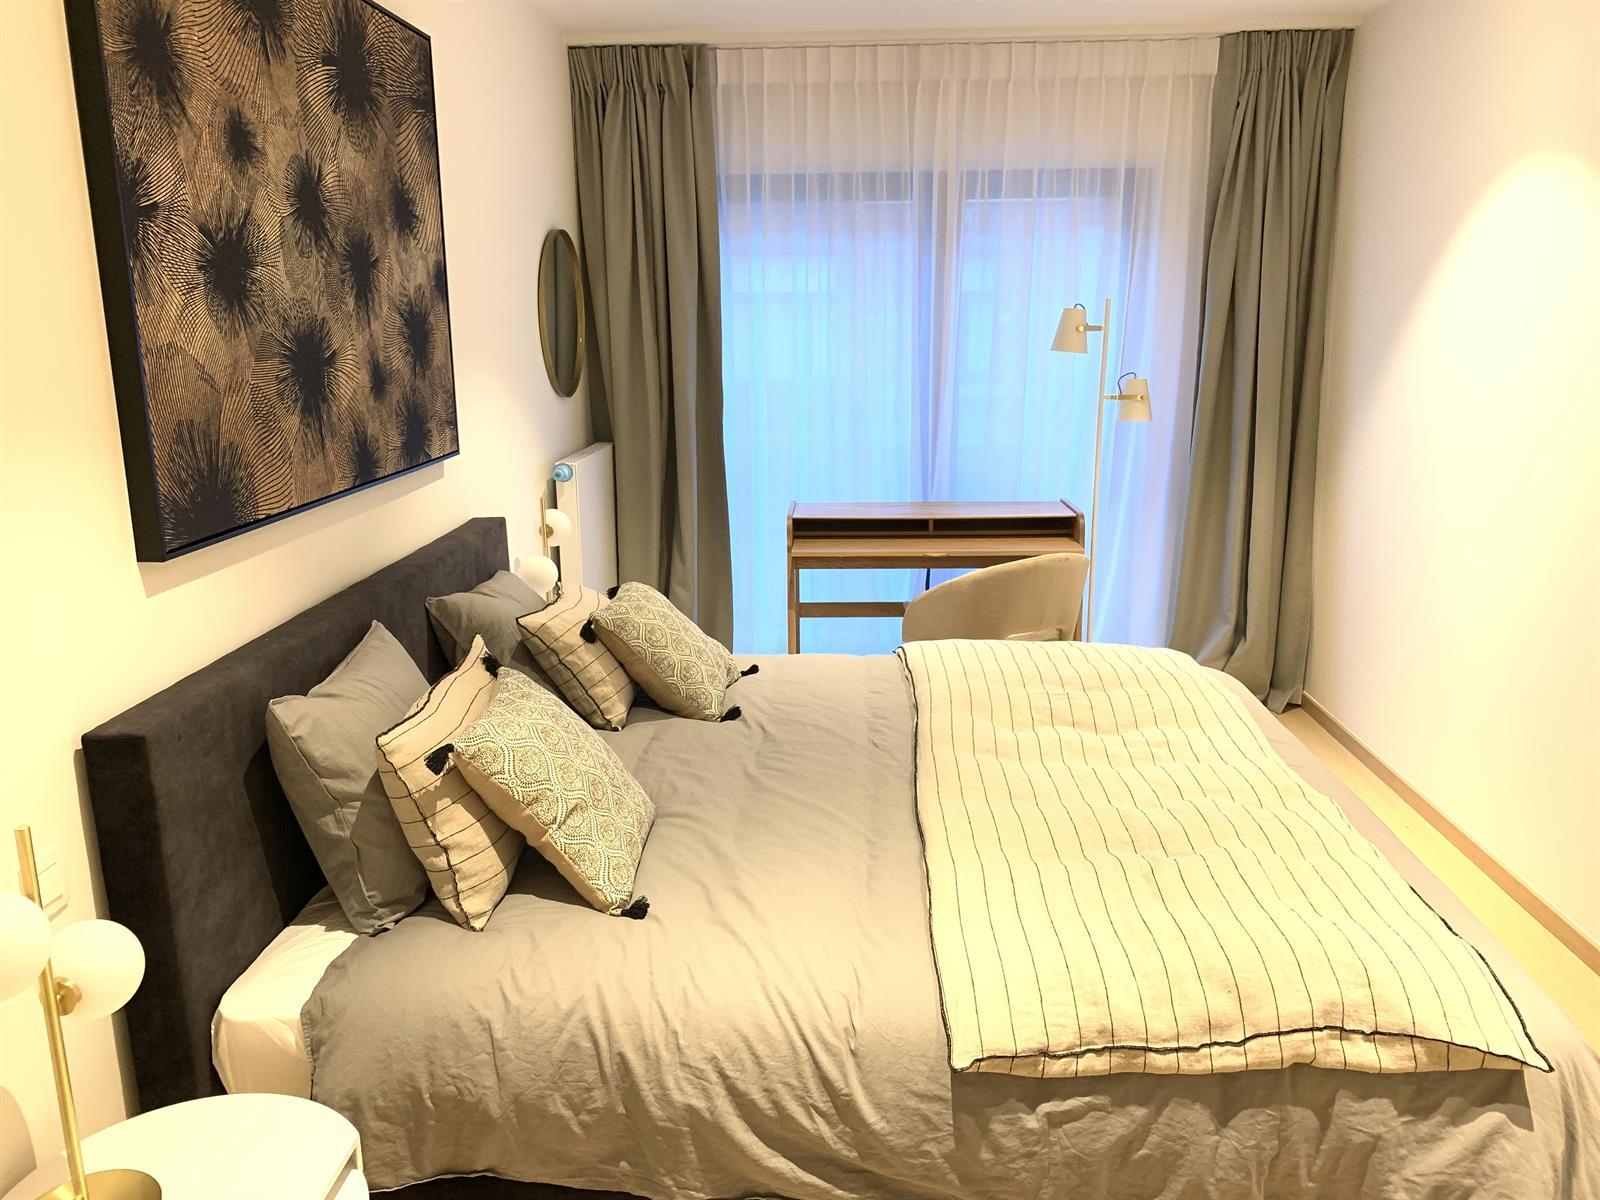 Appartement exceptionnel - Ixelles - #3929616-13